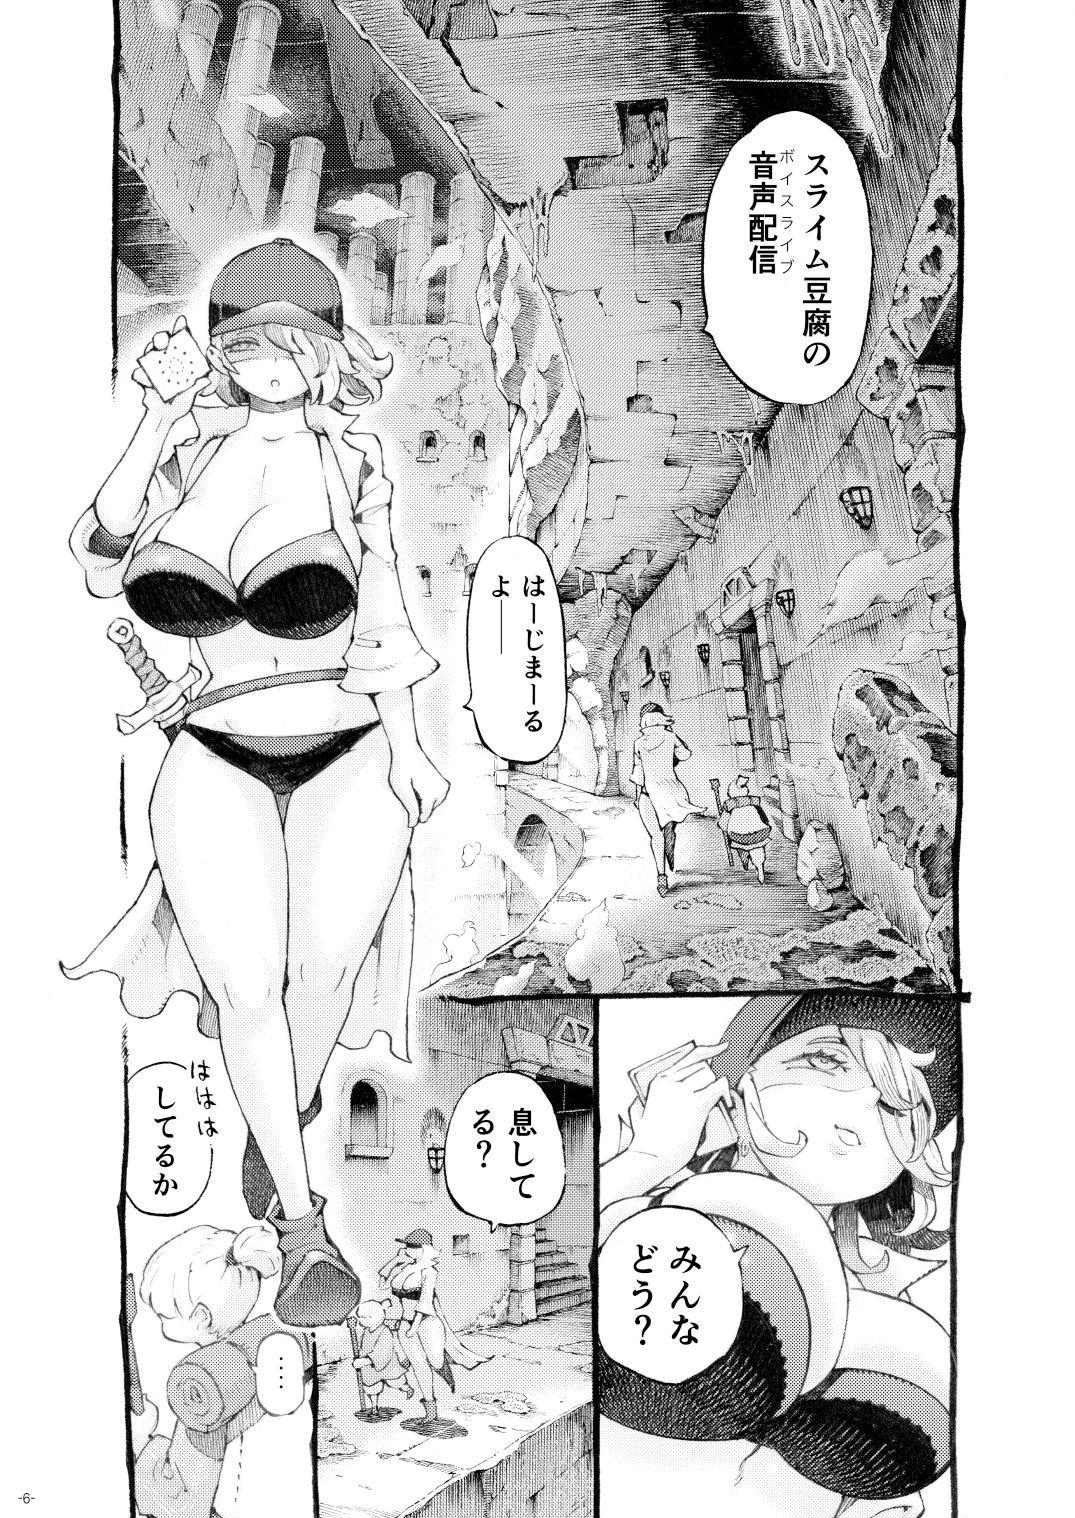 ギャル_エロ漫画同人誌|本作品のサンプル画像